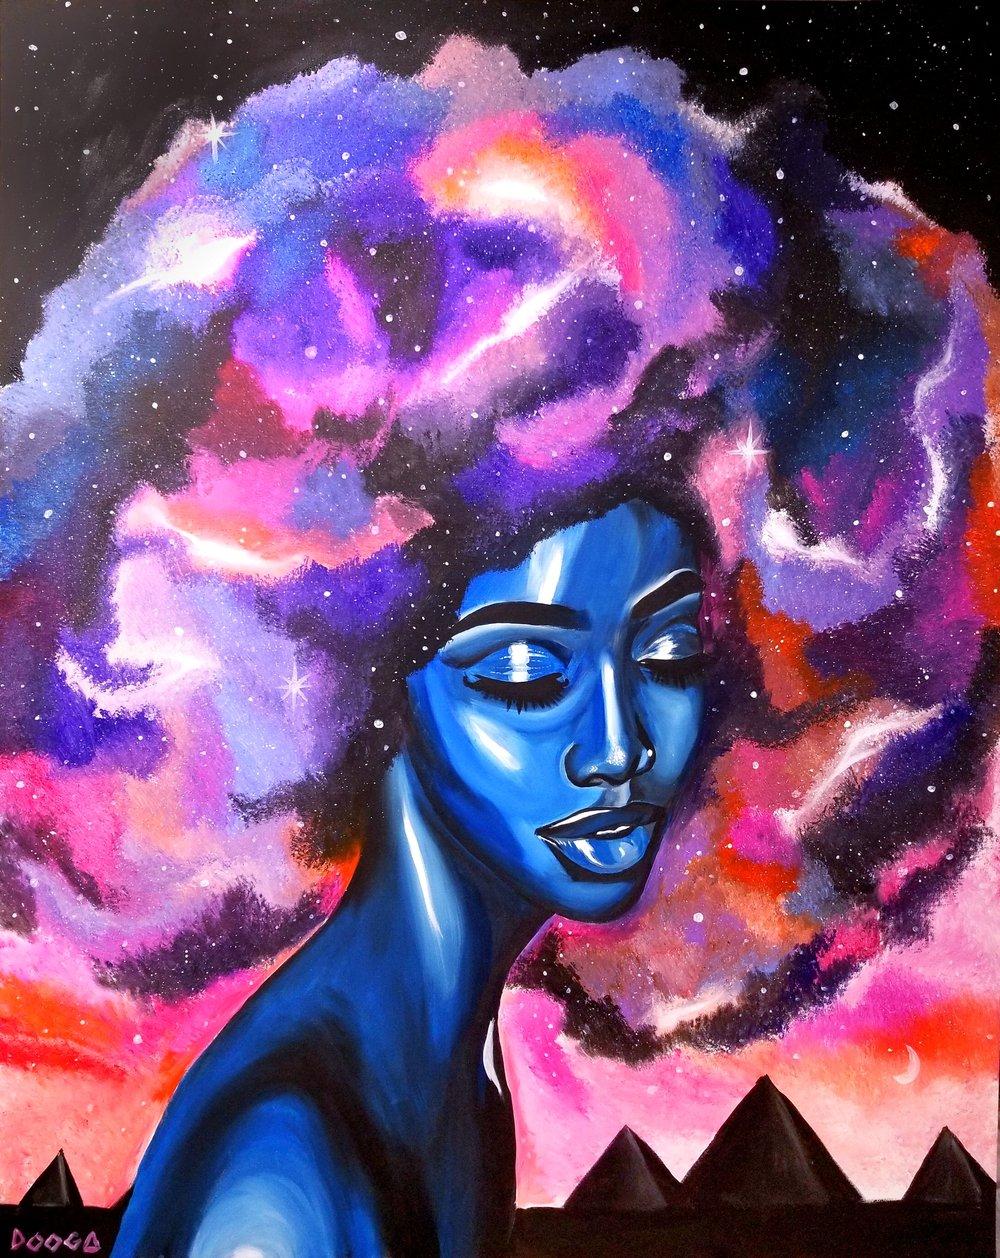 Image of Celestial Goddess